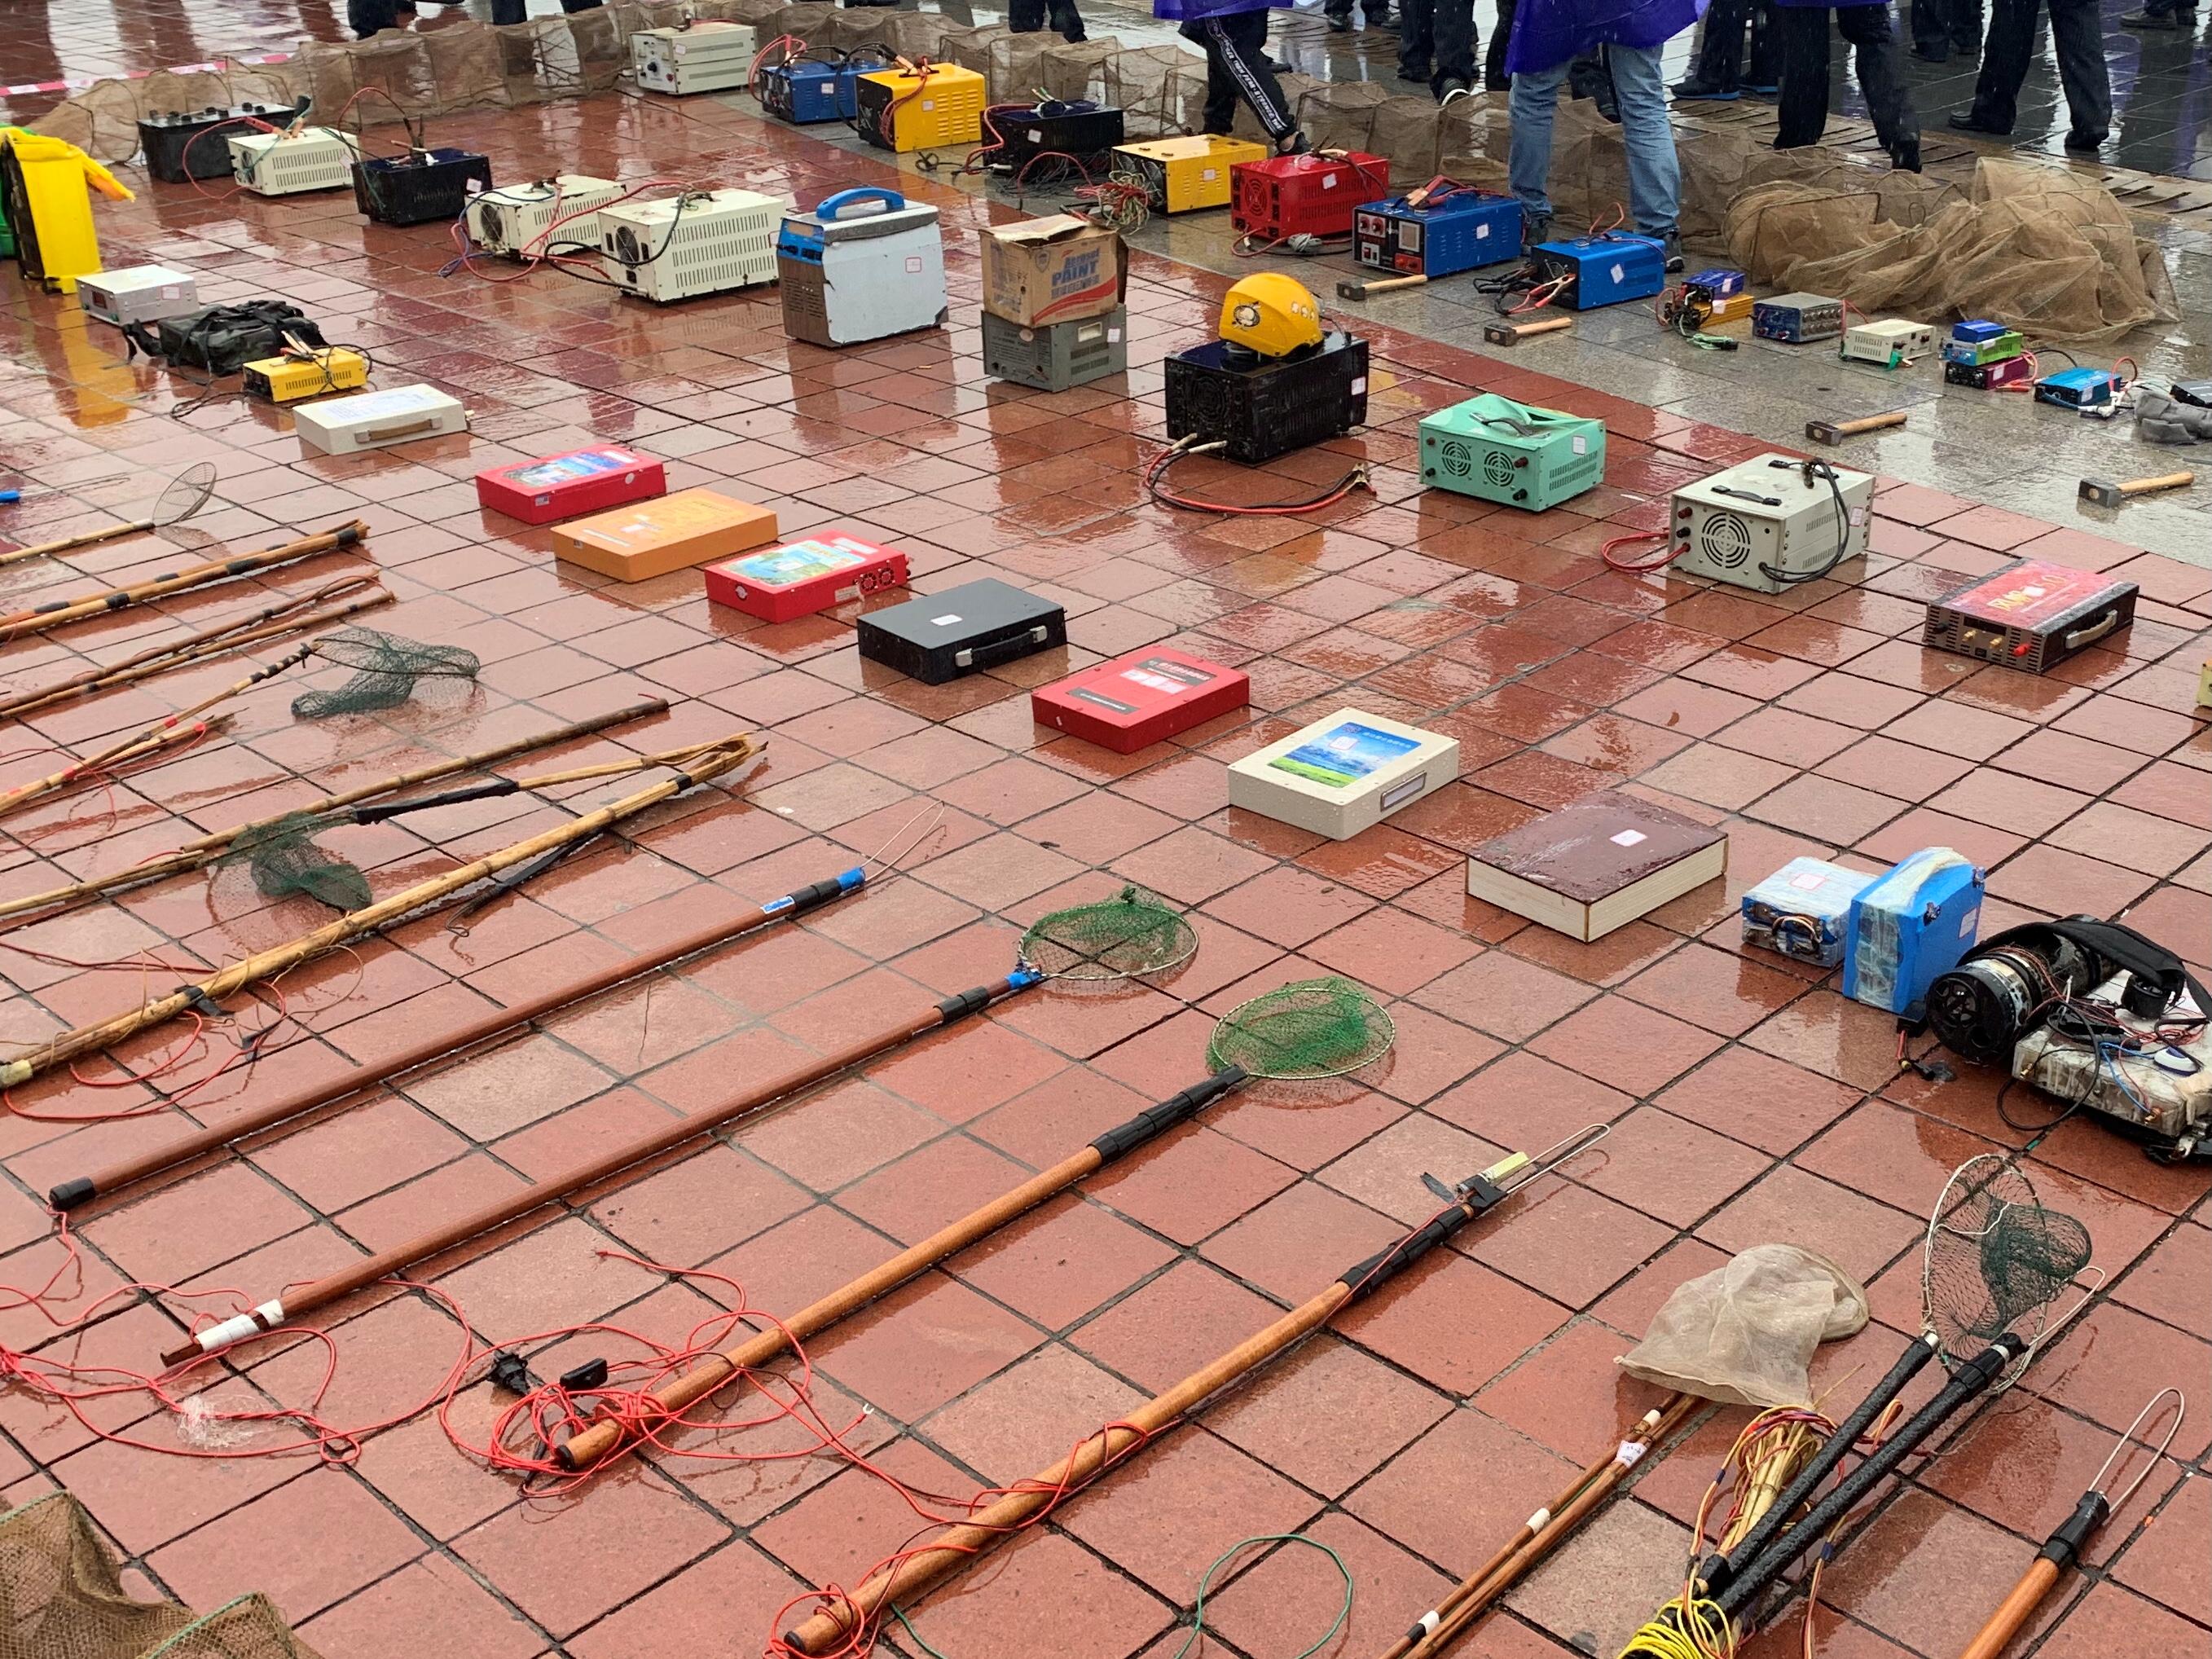 严厉打击非法捕捞行为 切实维护长江禁捕秩序